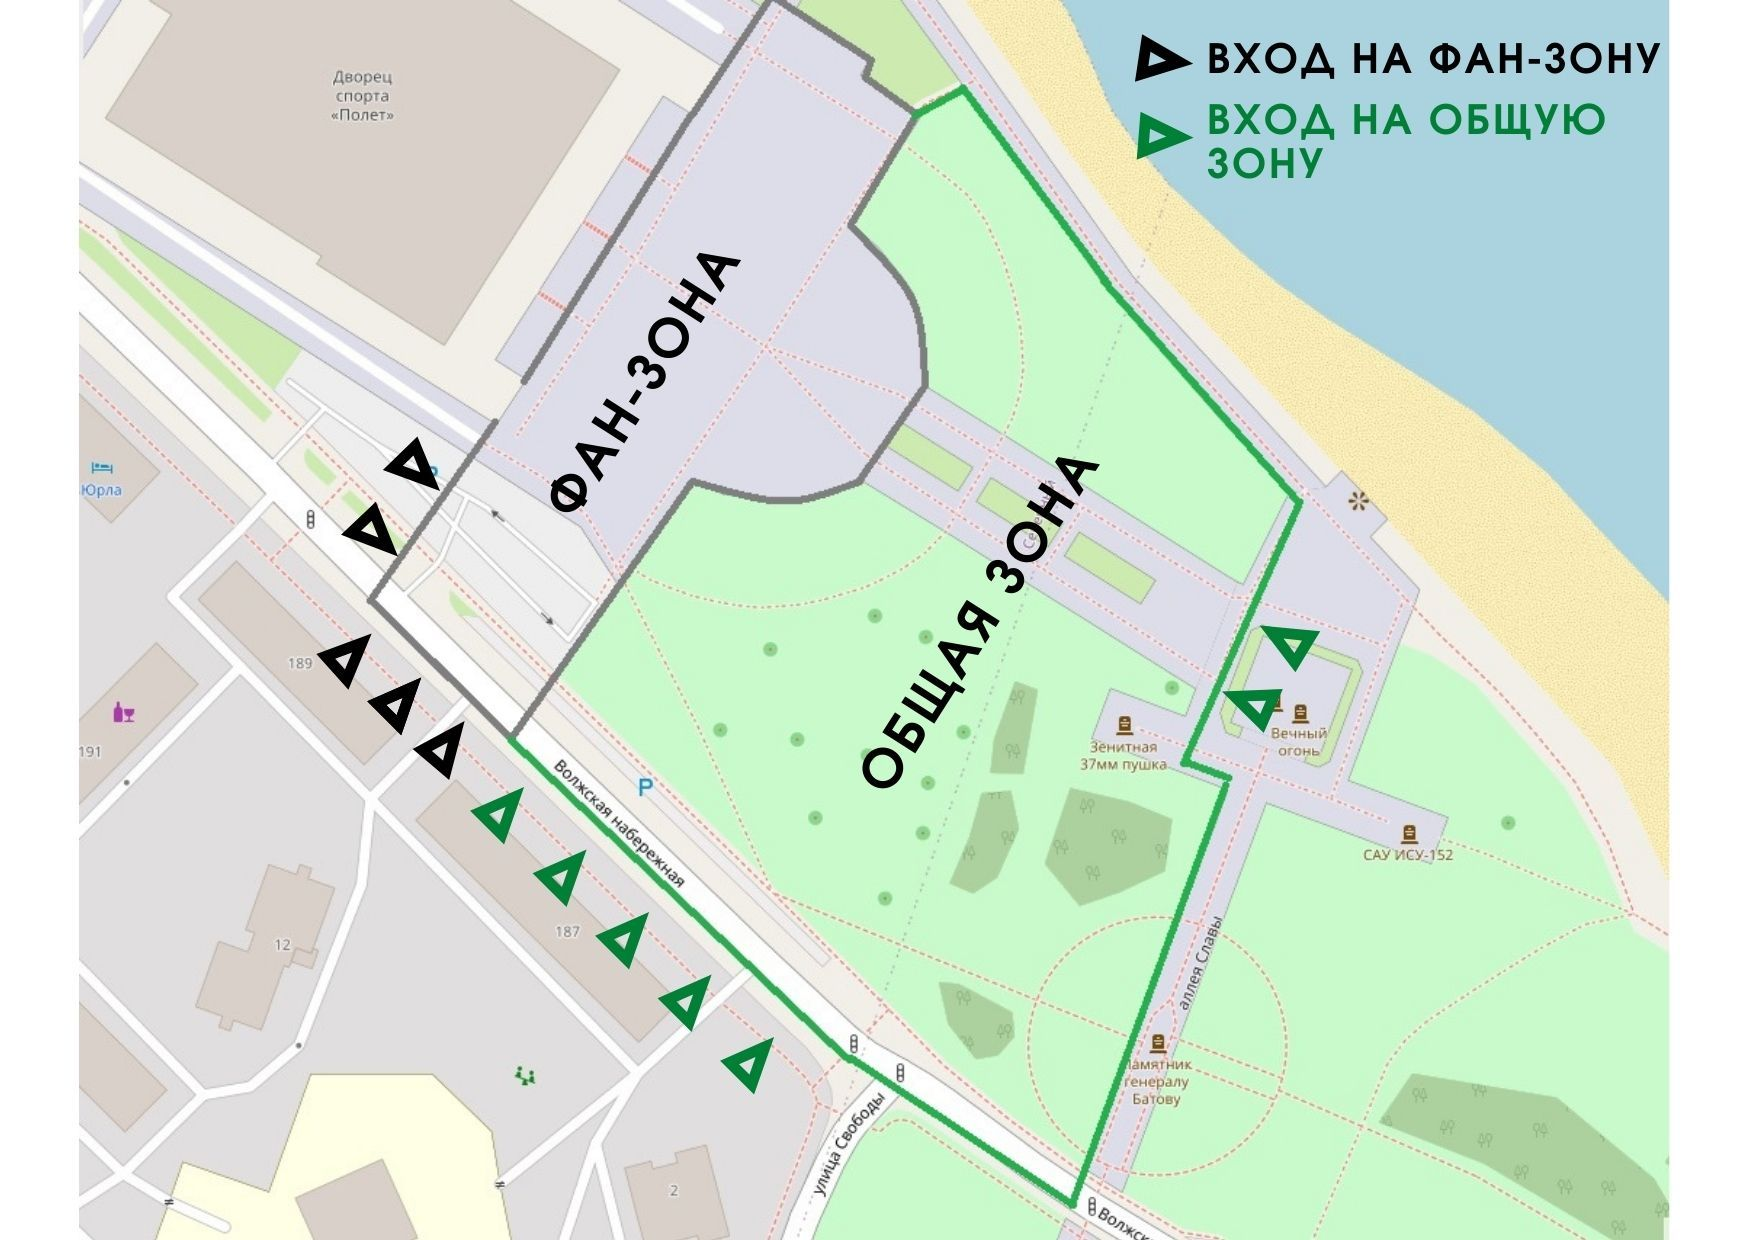 В Рыбинске на концерты в День города можно попасть с электронным билетом